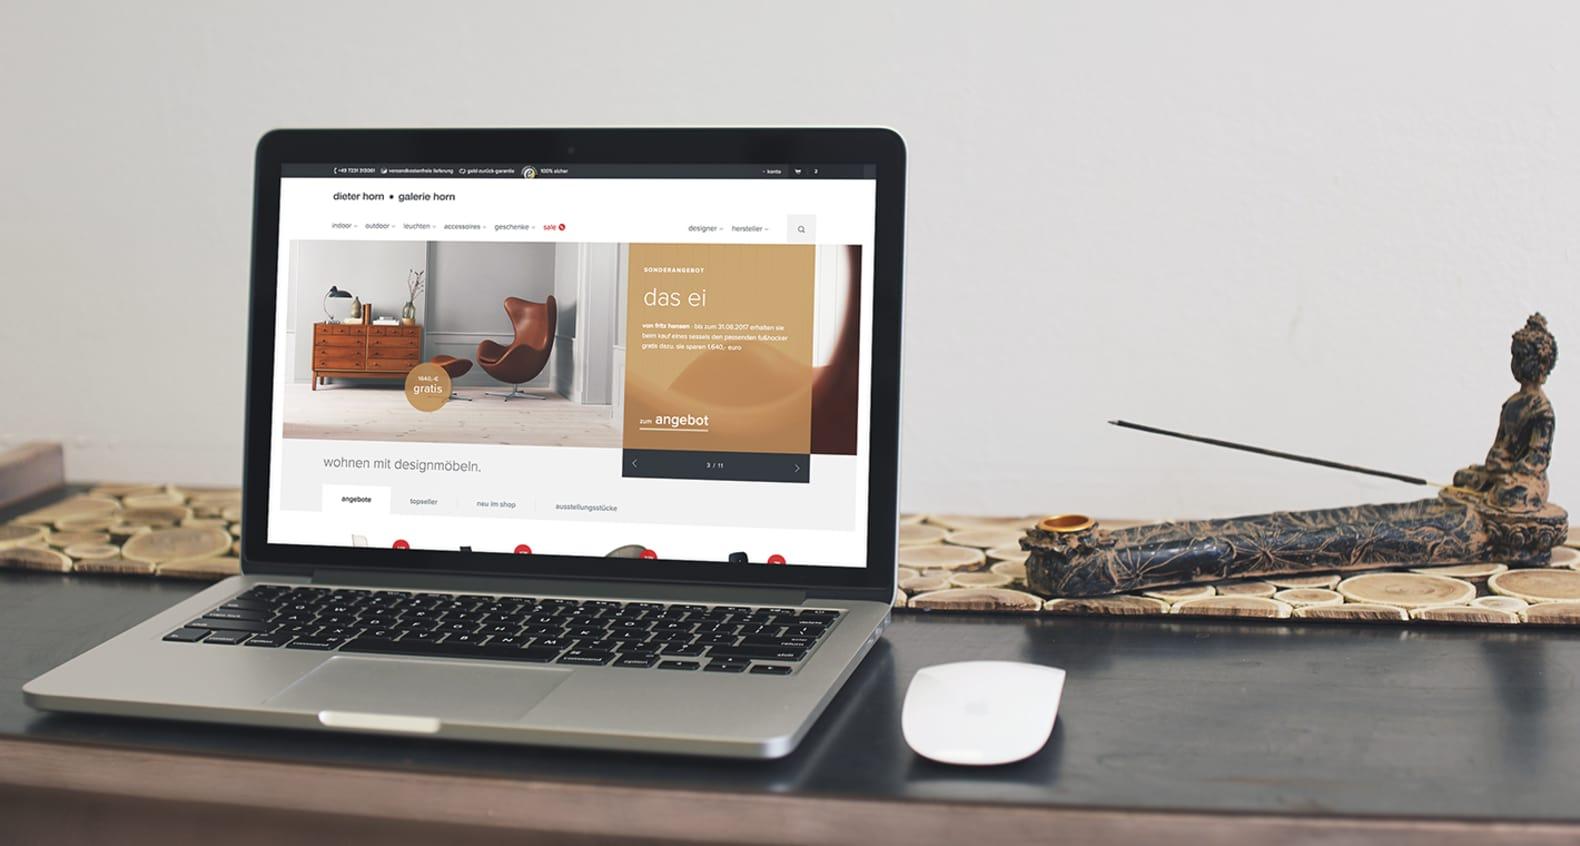 Macbook mit geöffneter Website dieter-horn.de – Wie entstand der Onlineshop www.dieter-horn.de? | web://contact